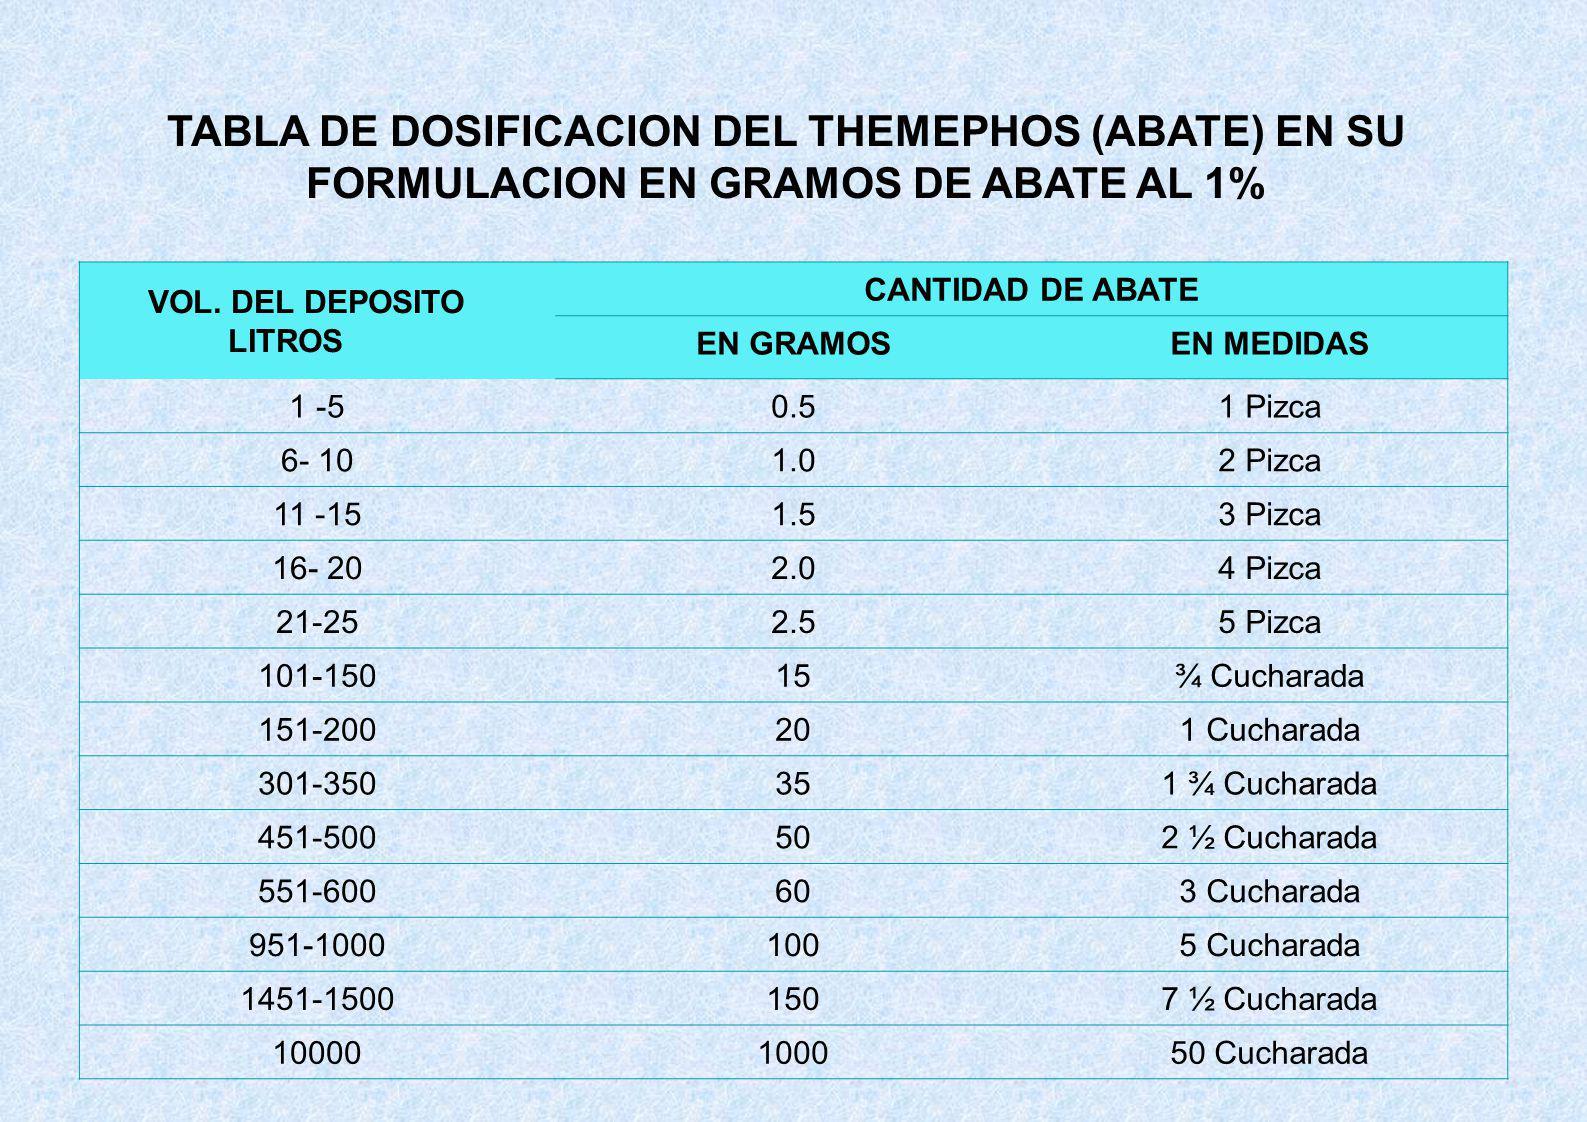 TABLA DE DOSIFICACION DEL THEMEPHOS (ABATE) EN SU